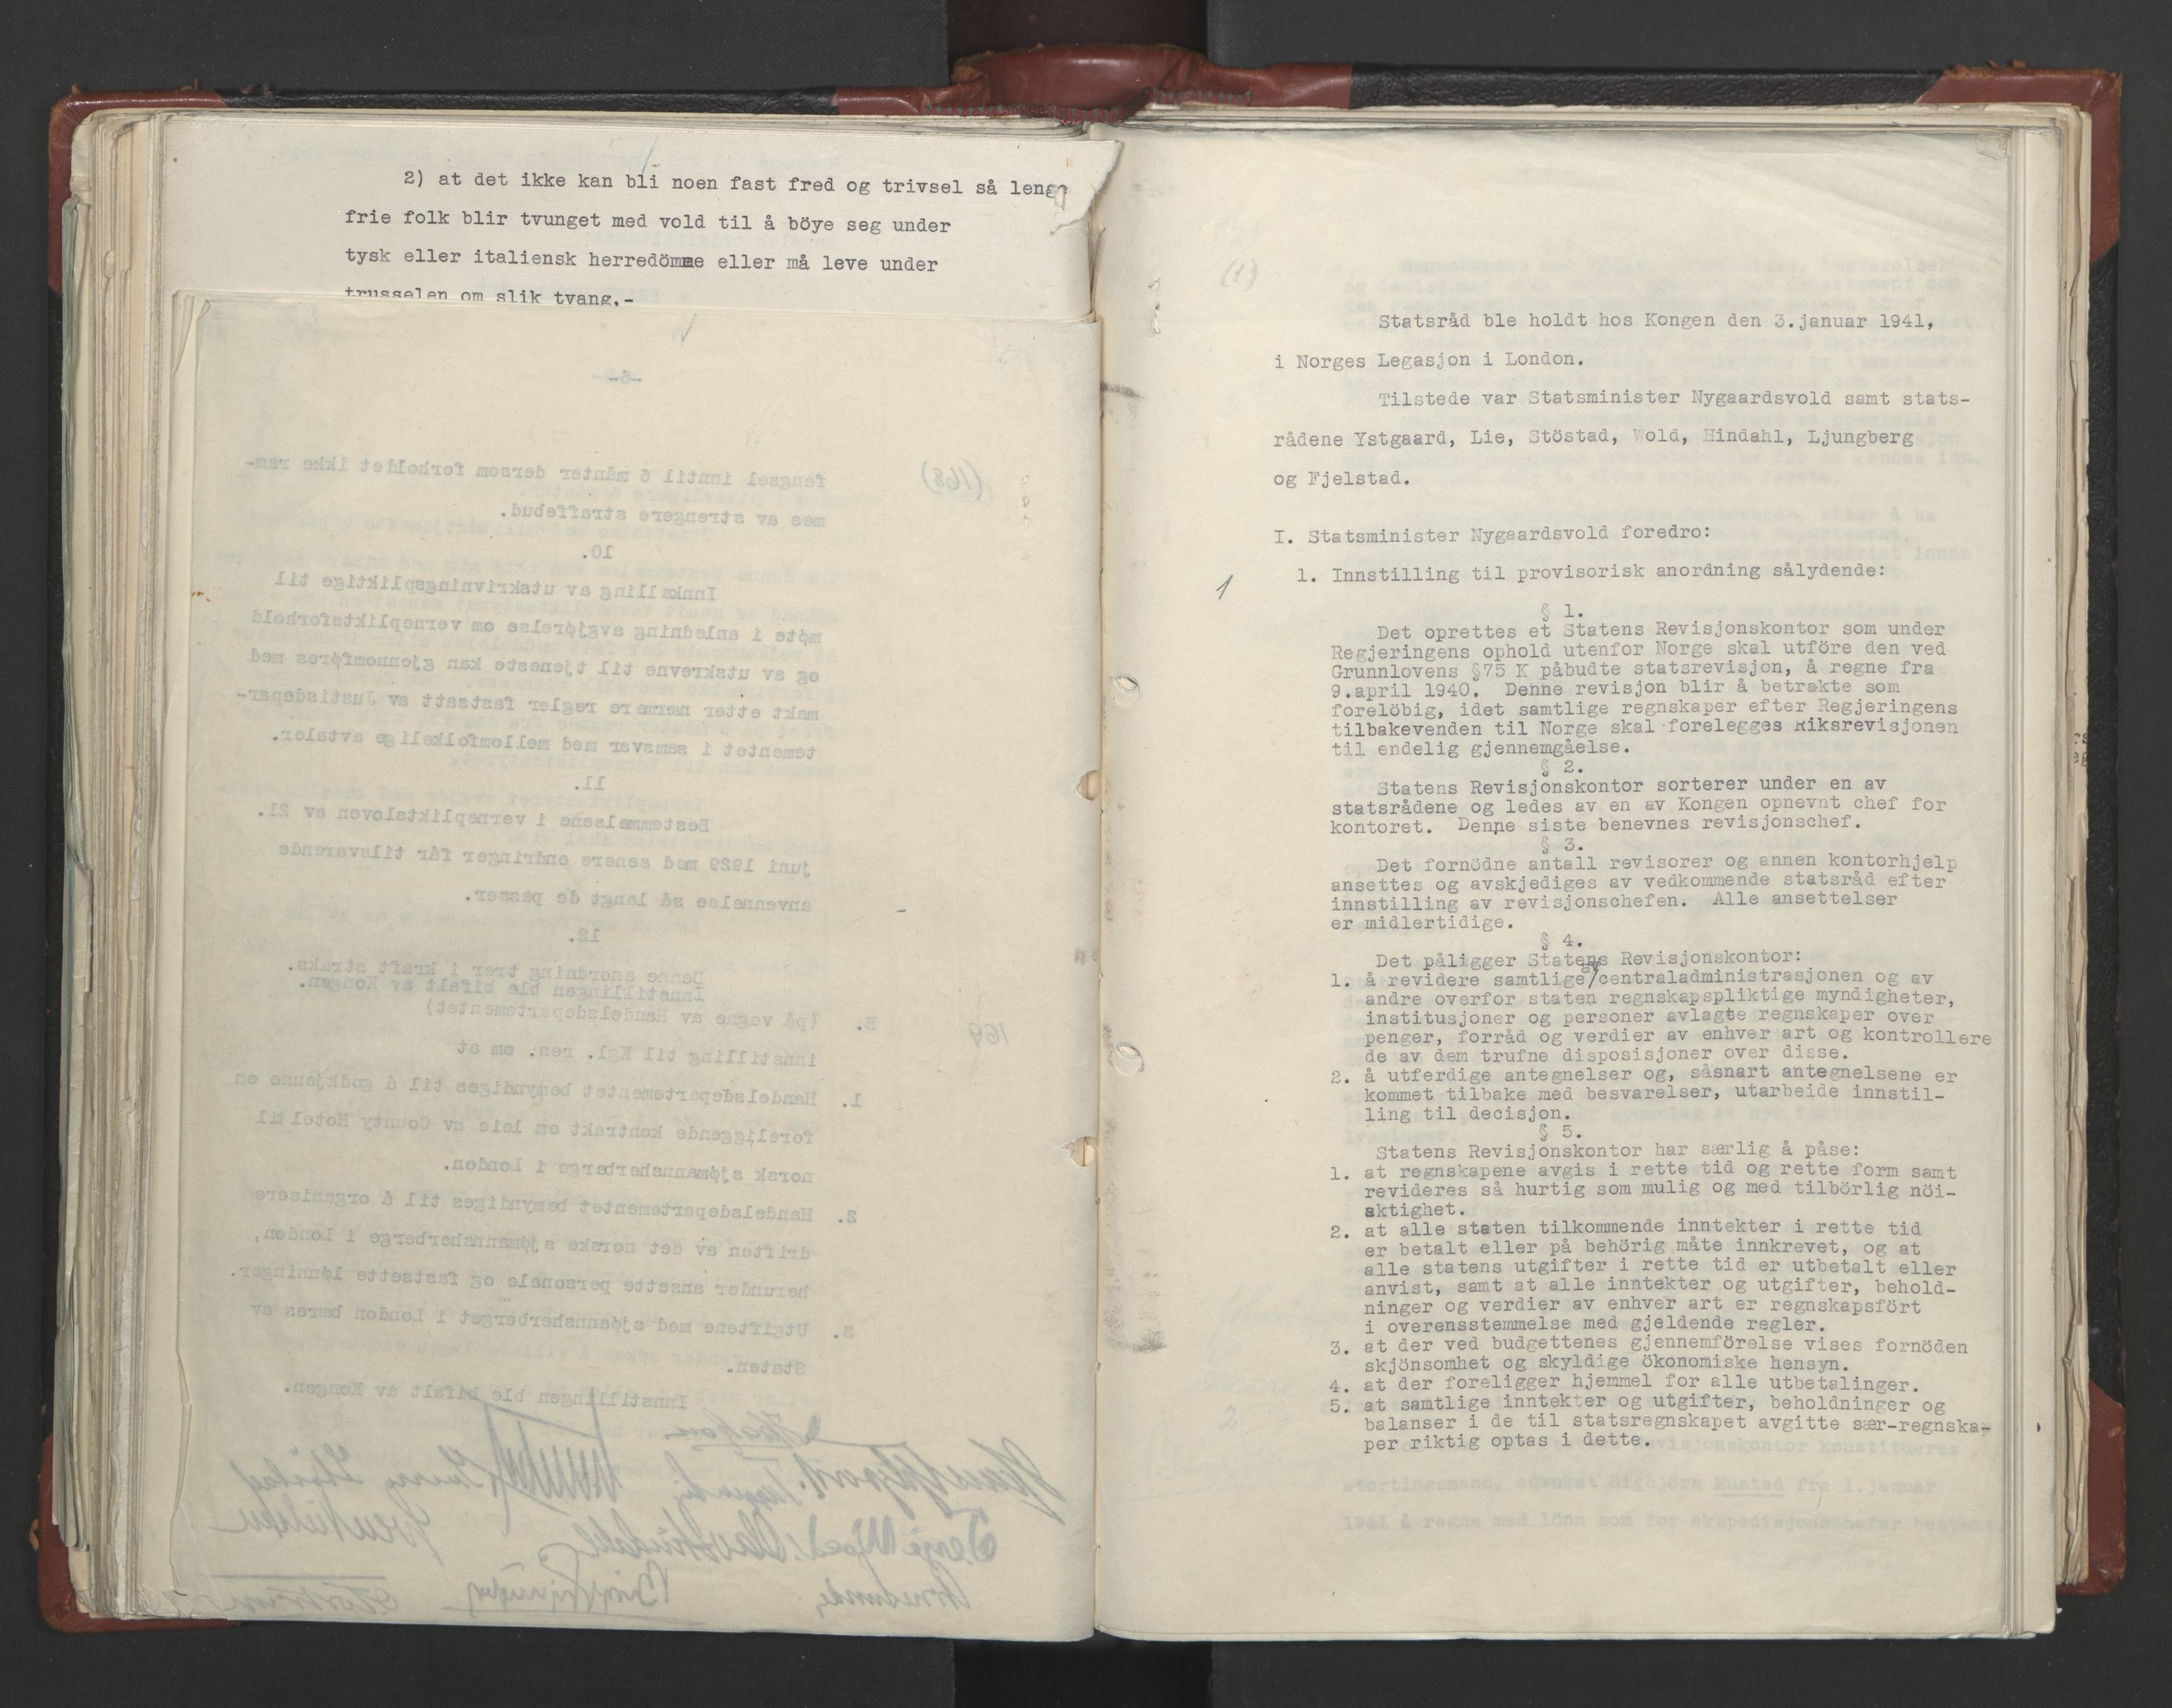 RA, Statsrådssekretariatet, A/Ac/L0122: Kgl. res. (9/4) 17/4 1940 -18/12 1942, 1940-1942, s. upaginert